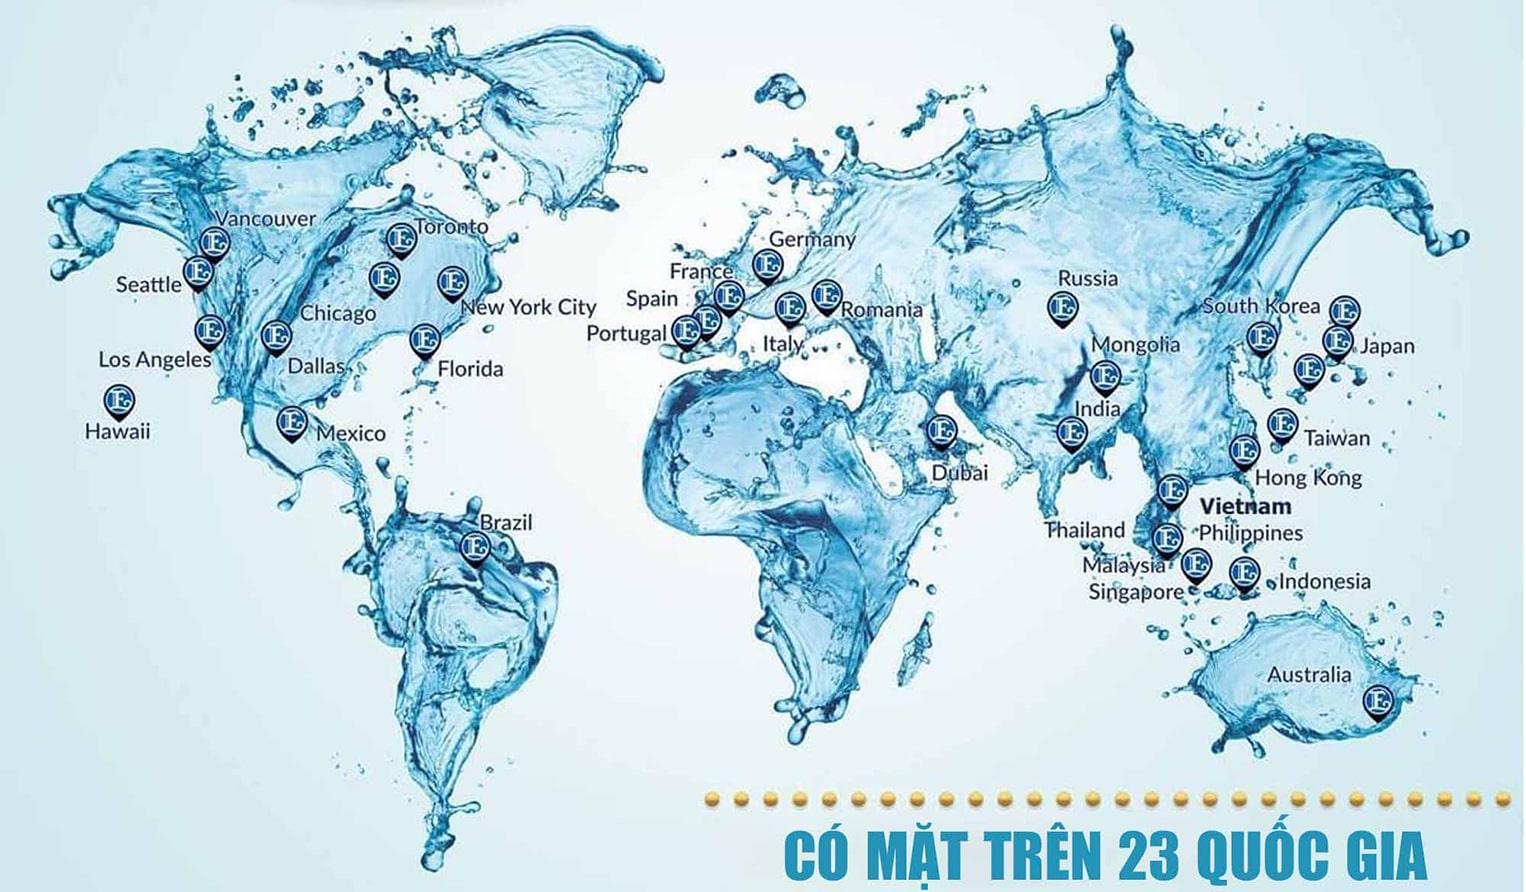 Các sản phẩm máy lọc nước Kangen đã có mặt ở rất nhiều quốc gia trên thế giới